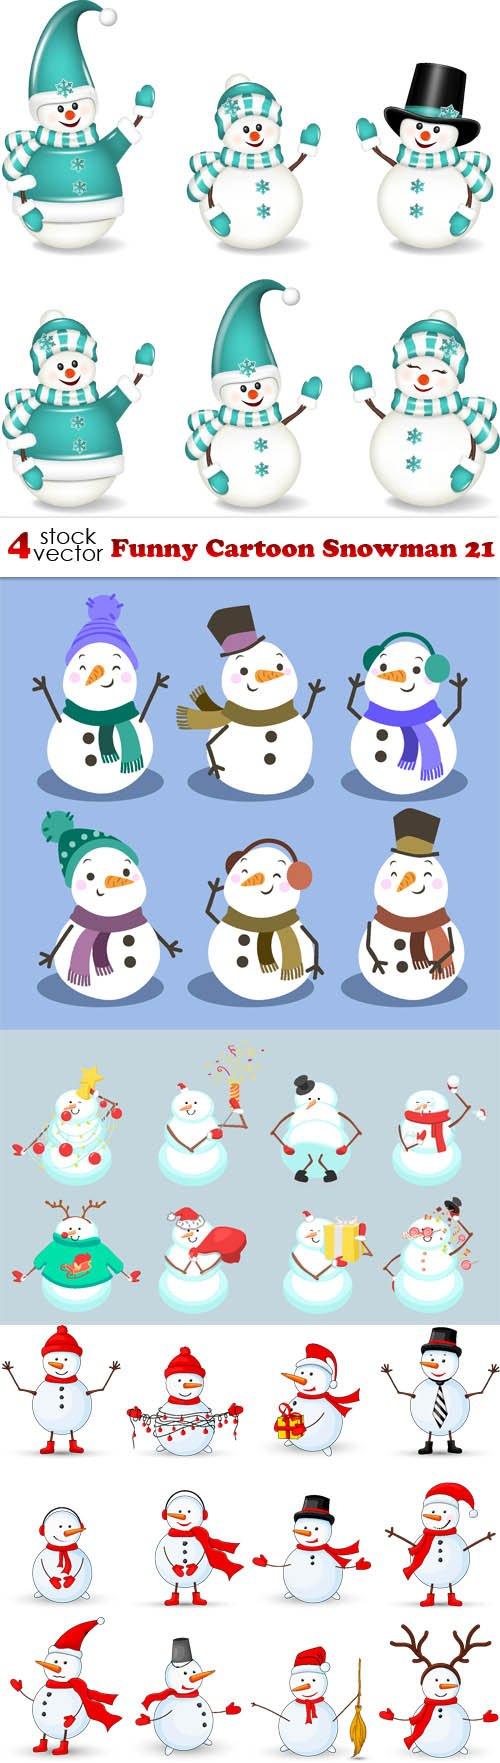 Vectors - Funny Cartoon Snowman 21